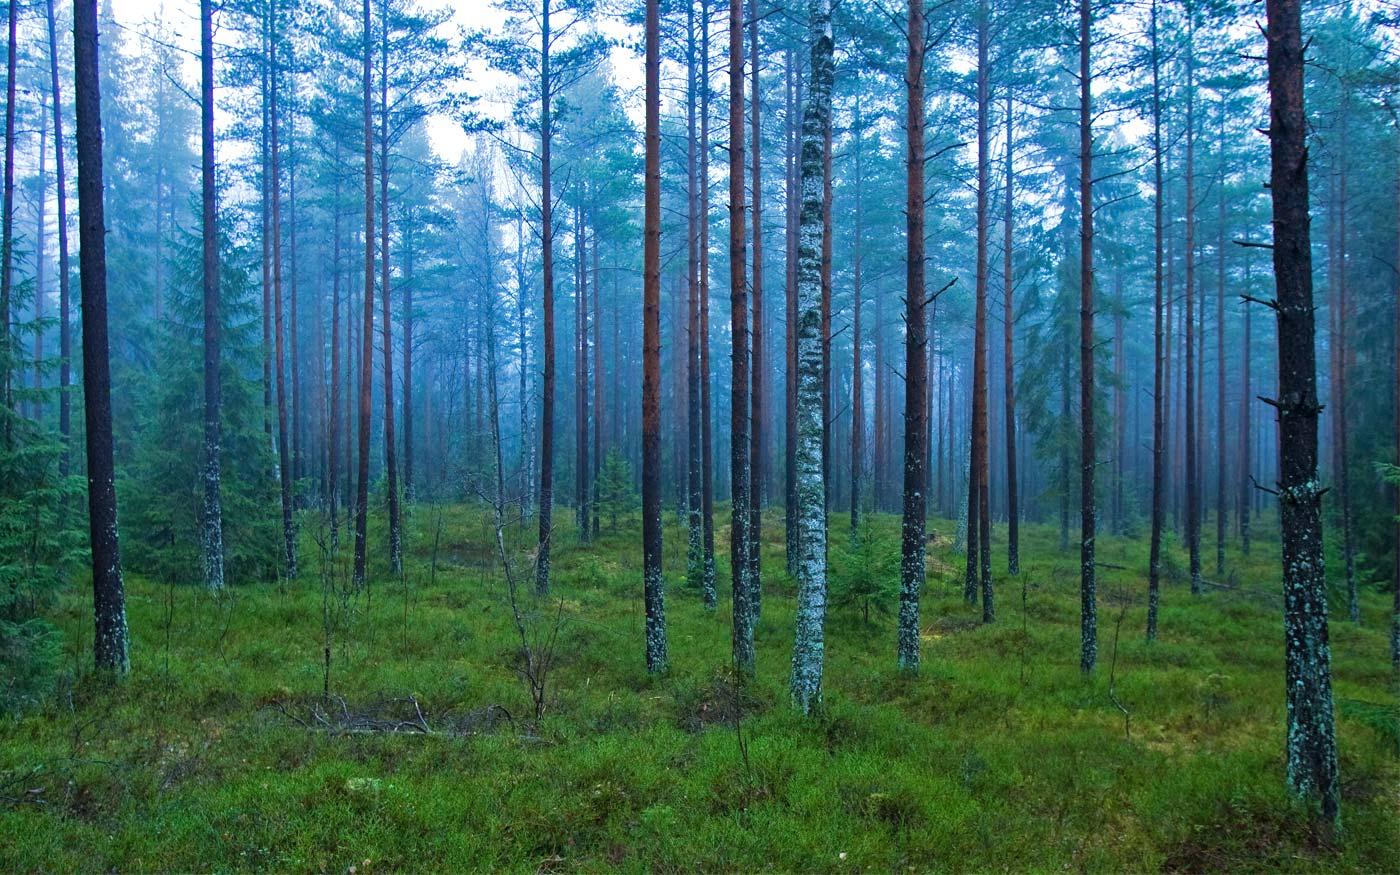 Norveç Ormanları Tahrip Etmeyi Yasaklayan İlk Ülke Oldu